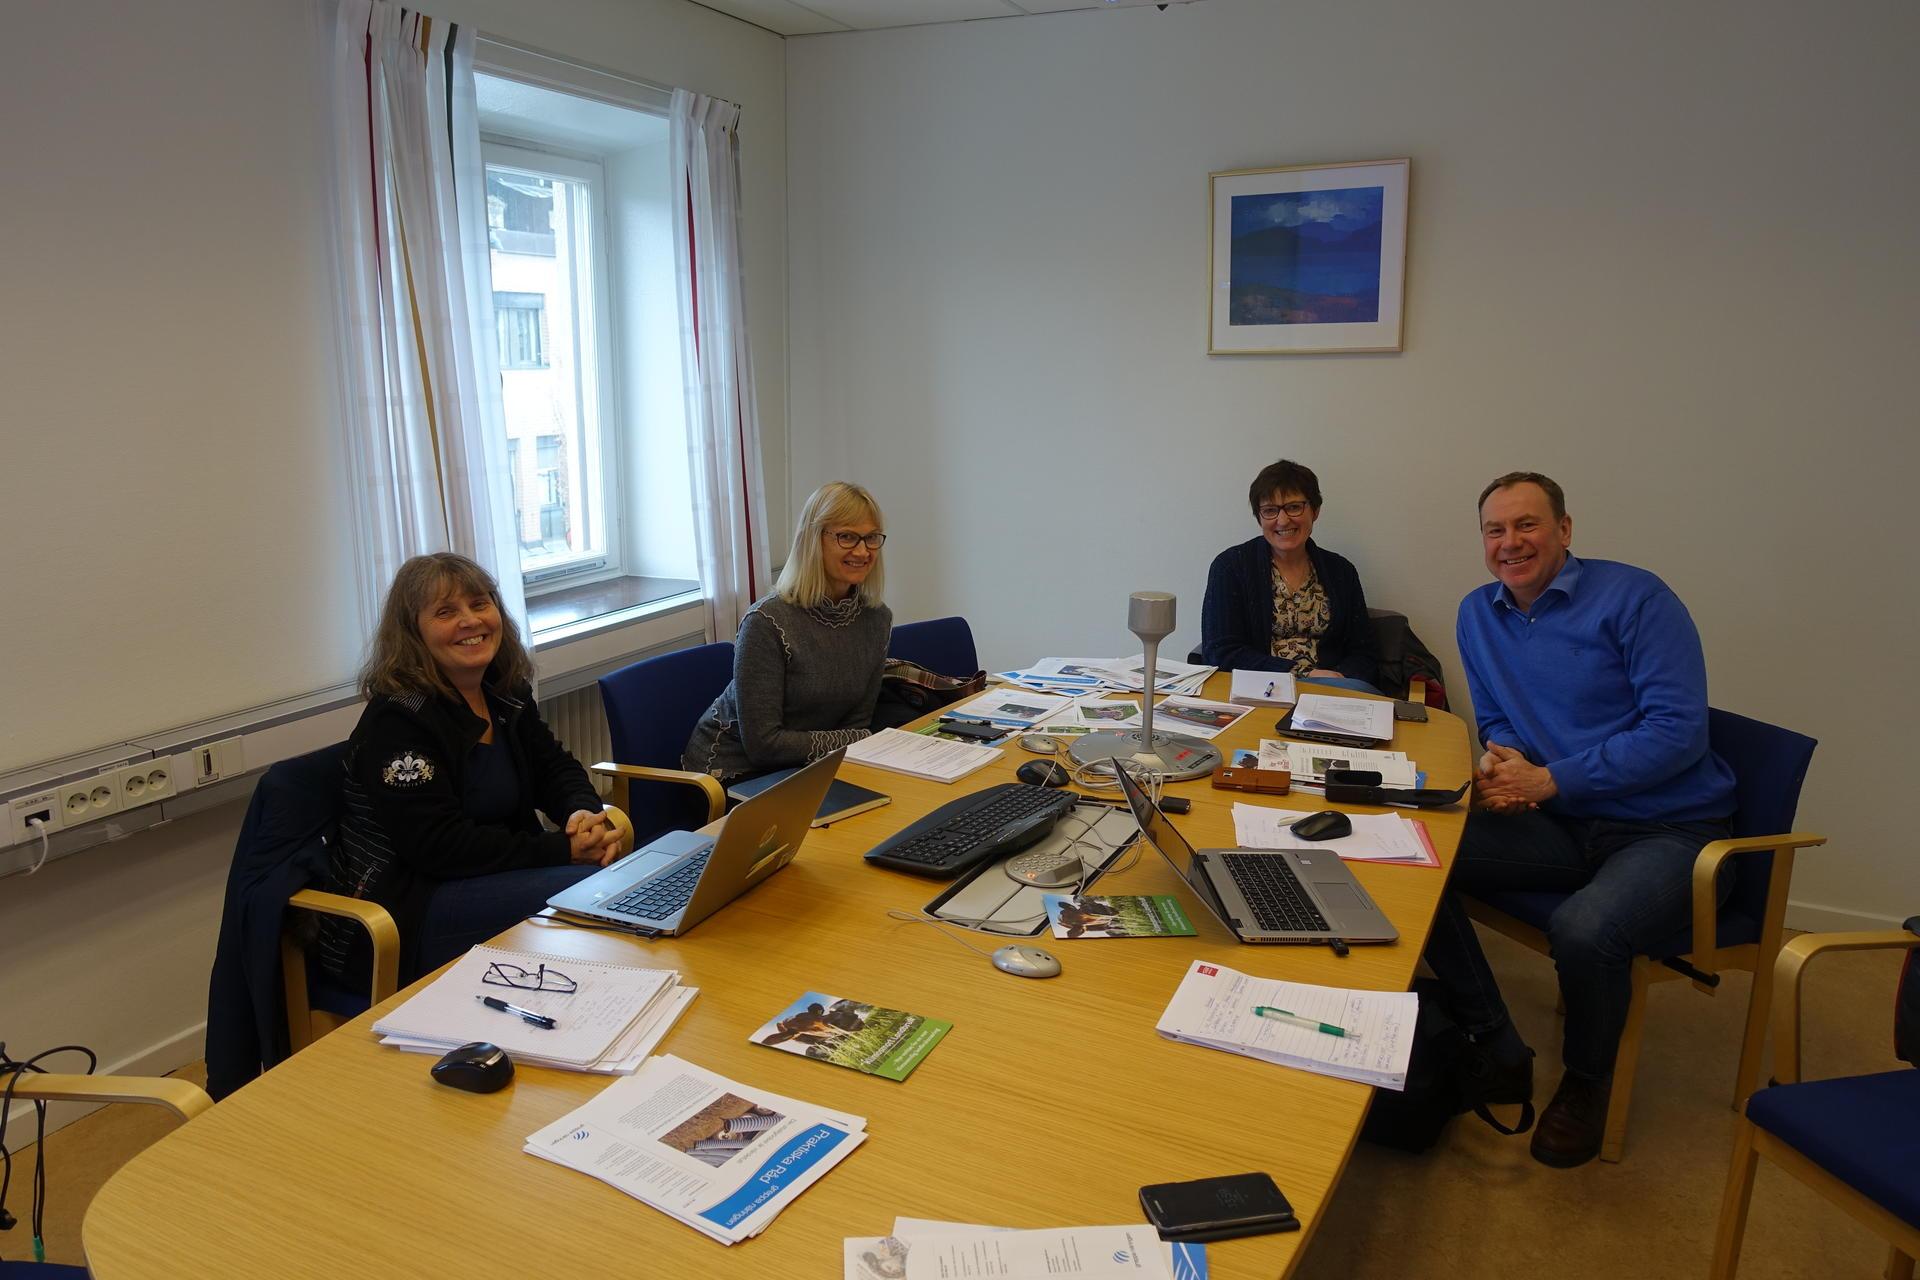 På studietur i Sverige. Fra venstre:Maria Stenberg (Jordbruksverket), Tone Roaldskvam (TINE), Lis Eriksson (Jordbruksverket) og Tony Barman (Klimasmart Landbruk)